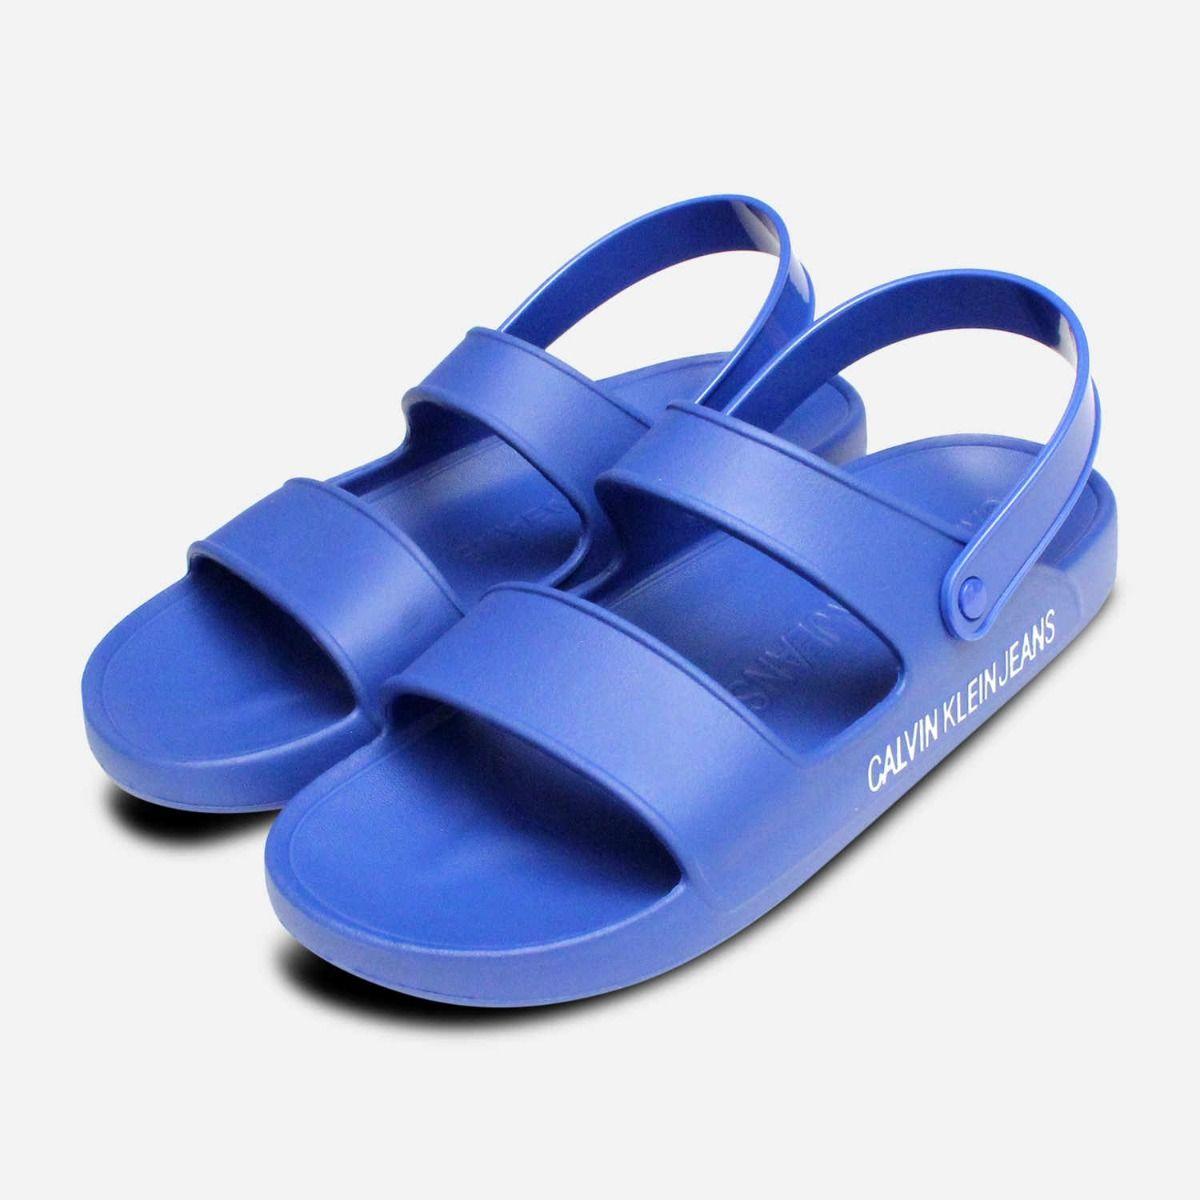 Calvin Klein Designer Rubber Sandals in